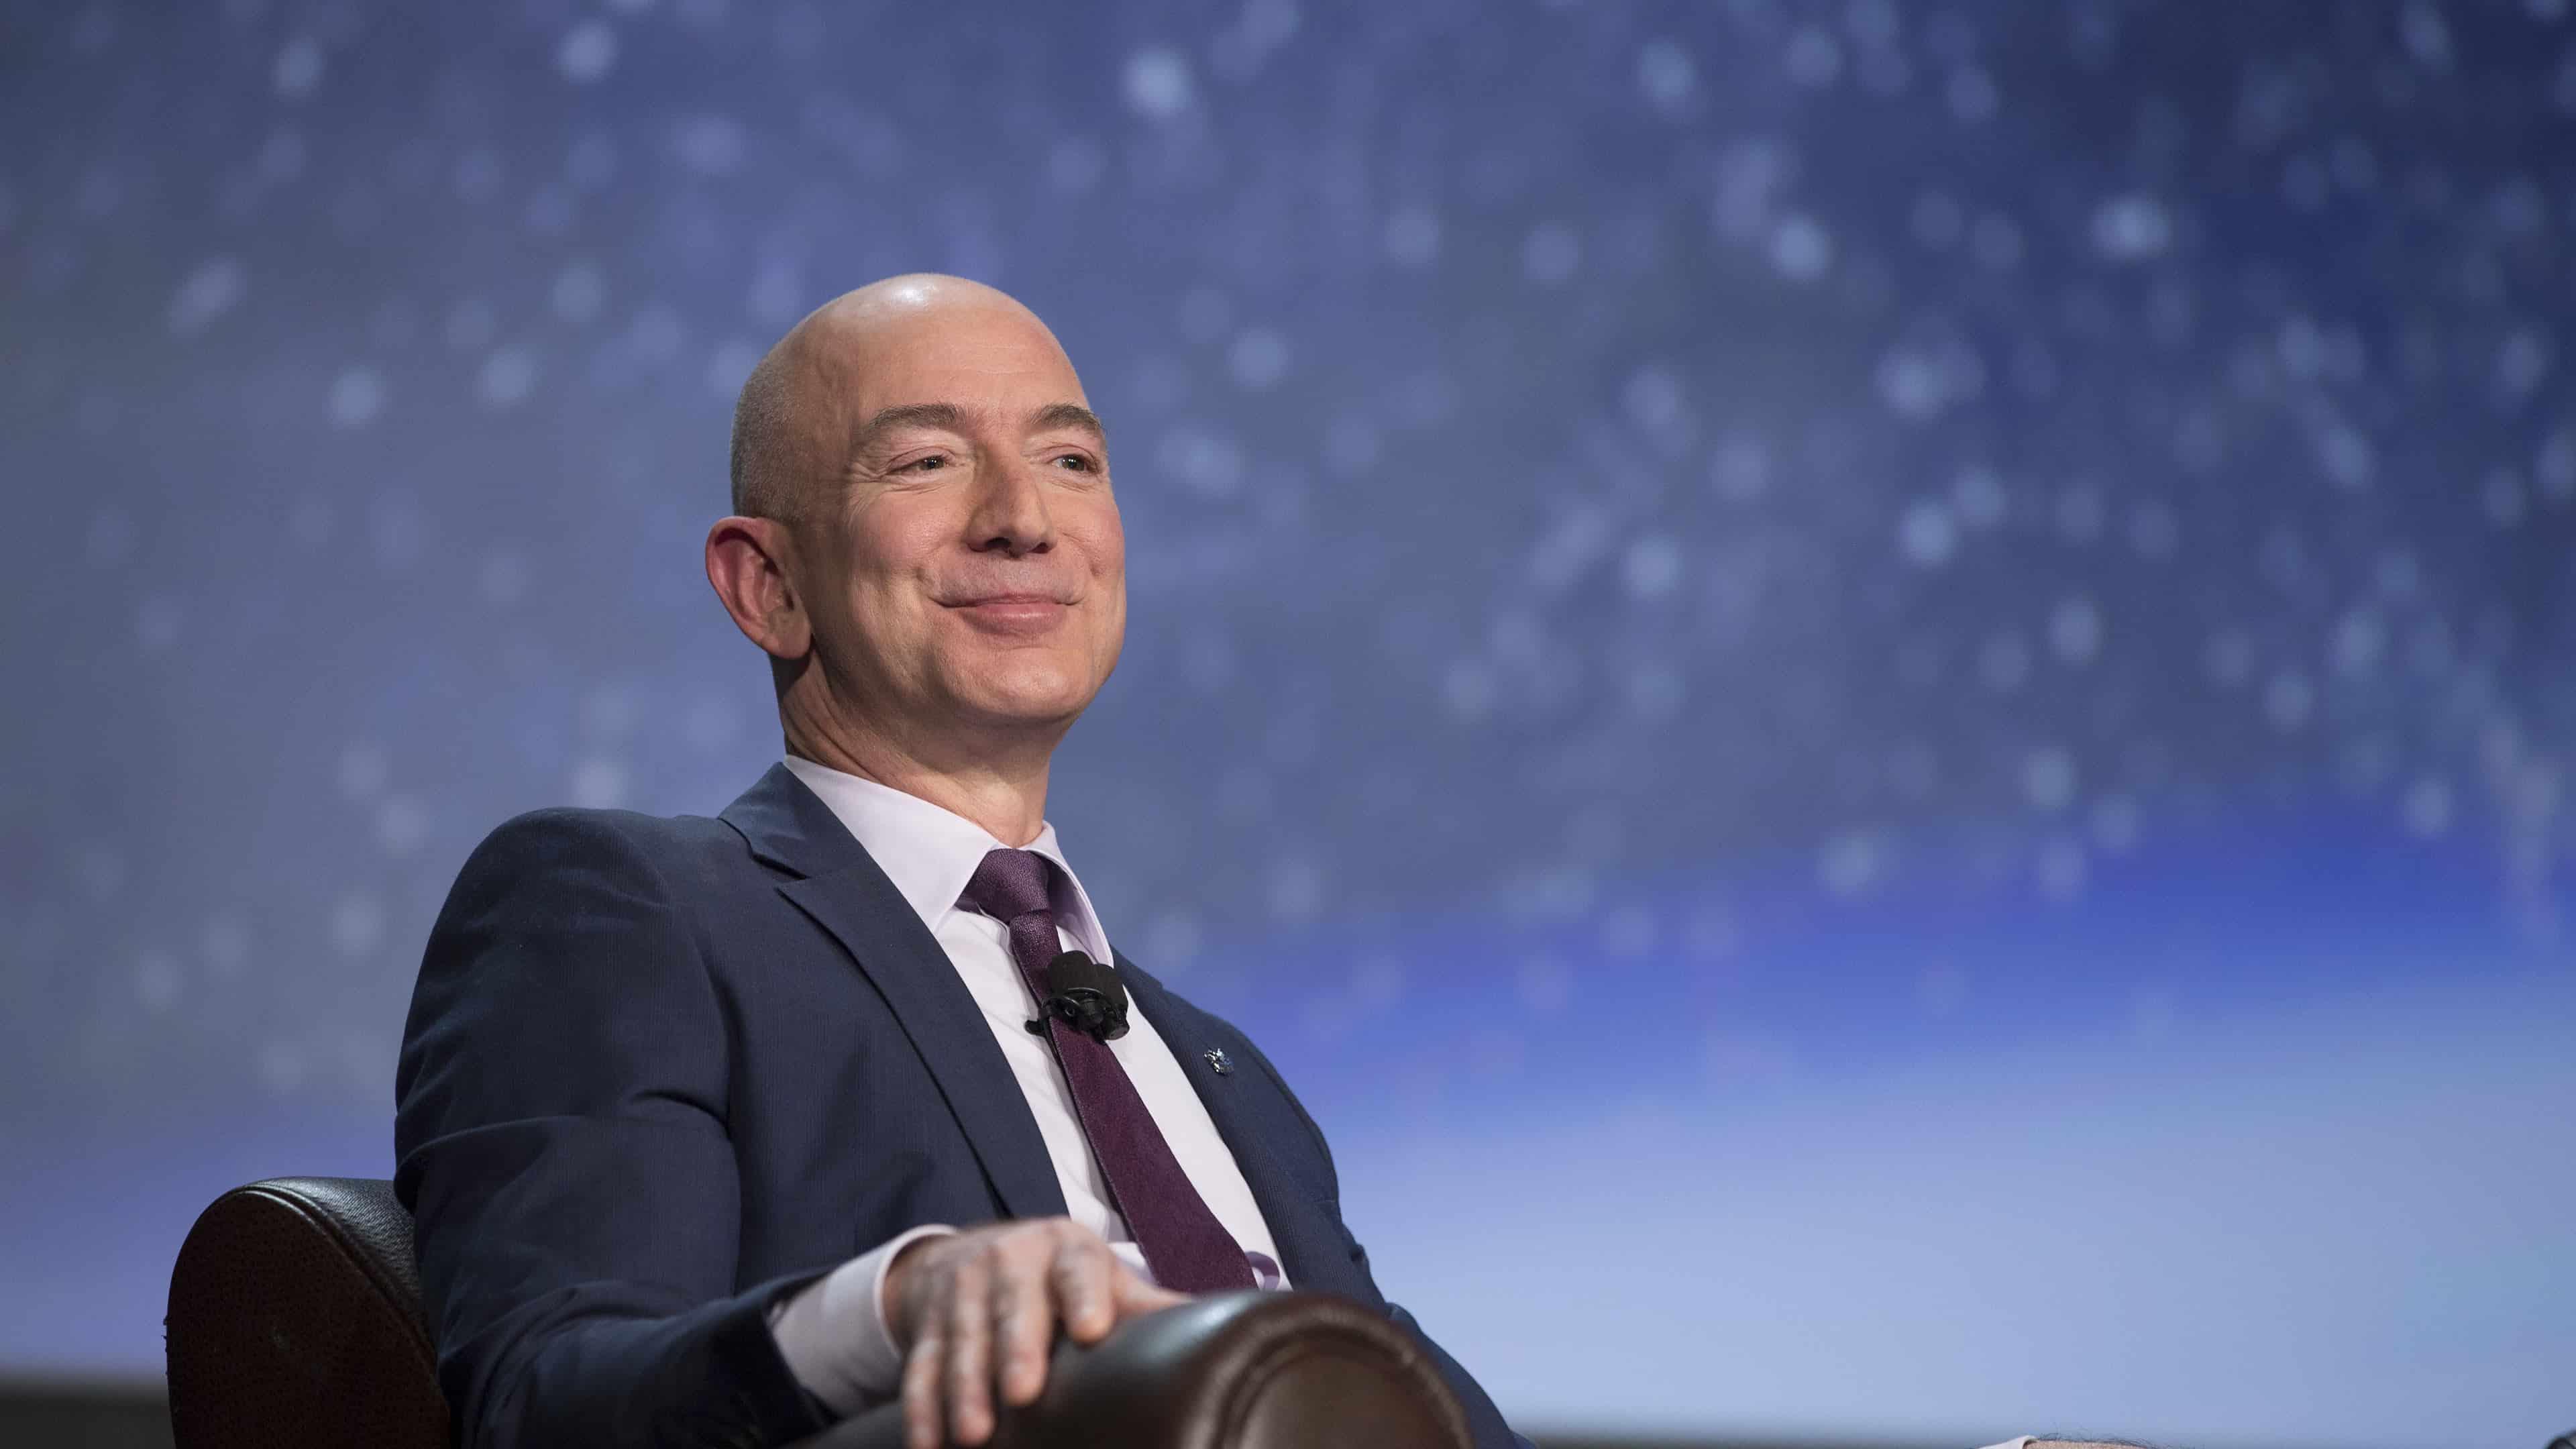 Jeff Bezos Amazon Uhd 4k Wallpaper Pixelz